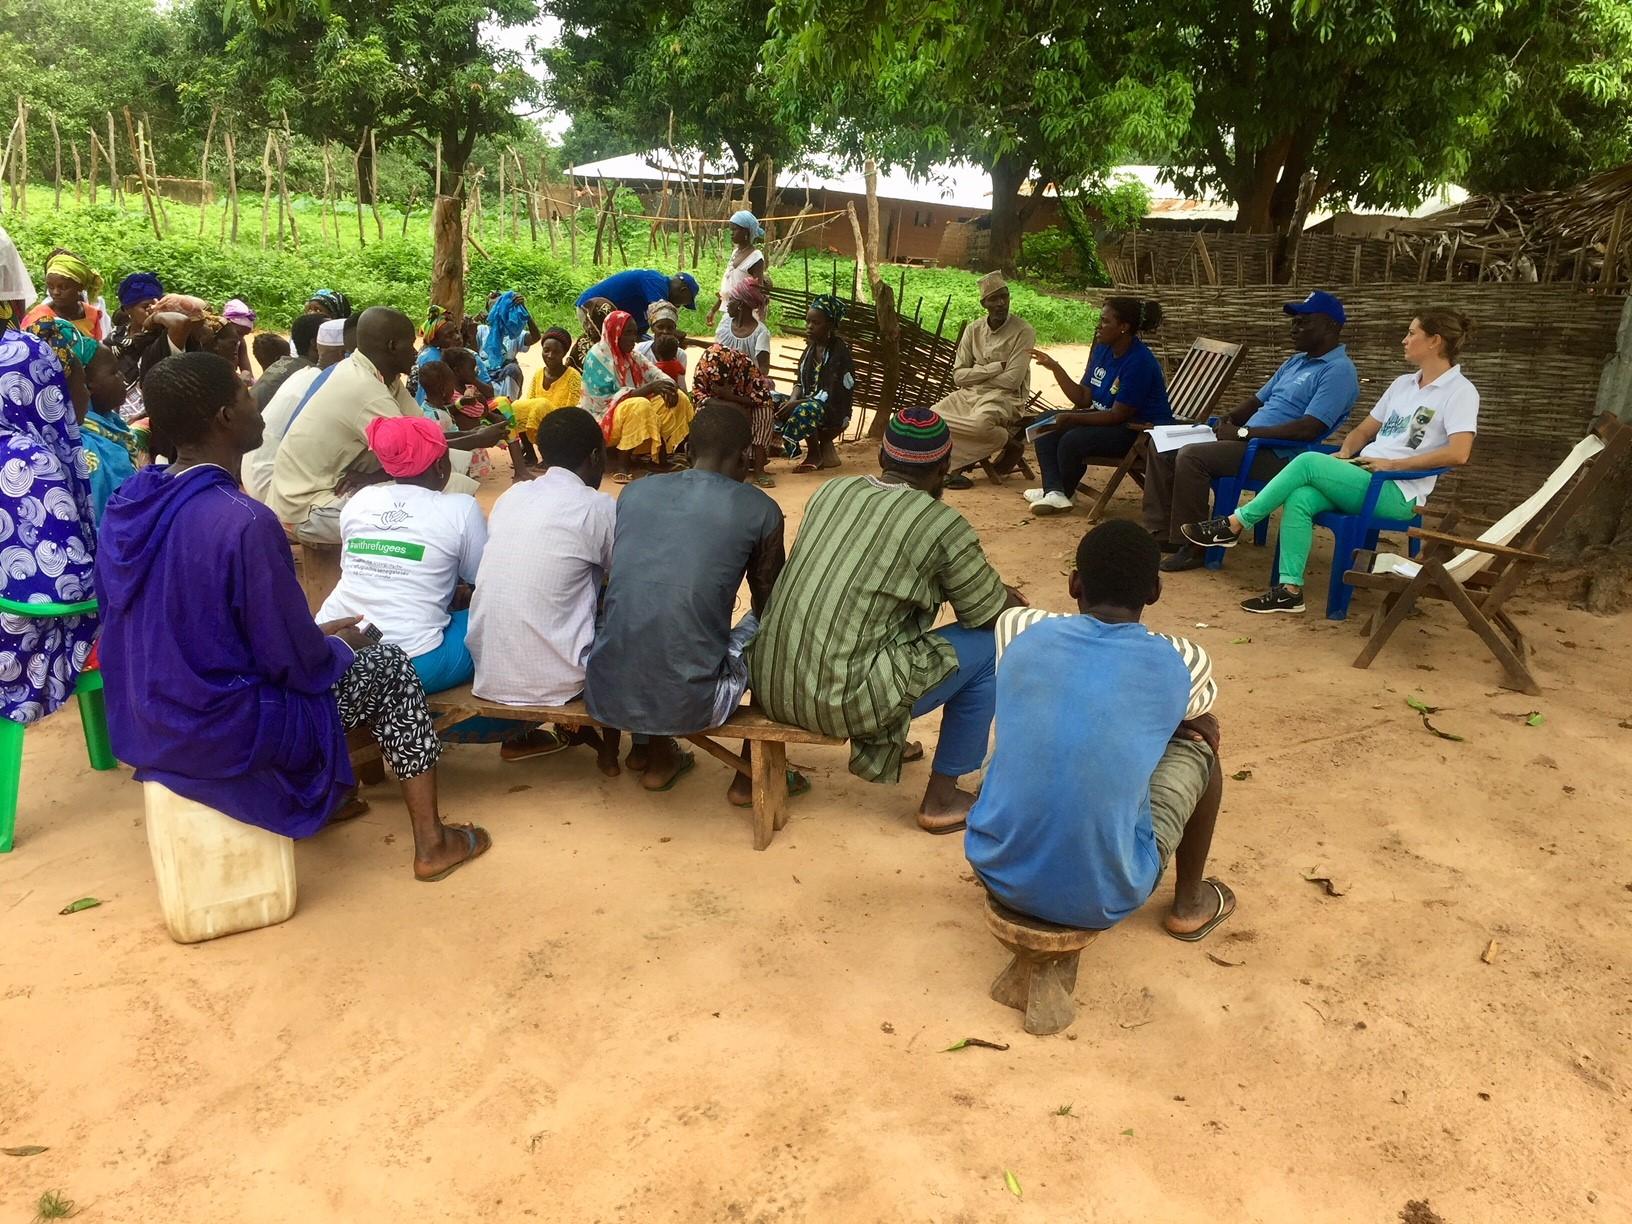 riunione rifugiati senegalesi_guinea bissau_mani tese_2018_3